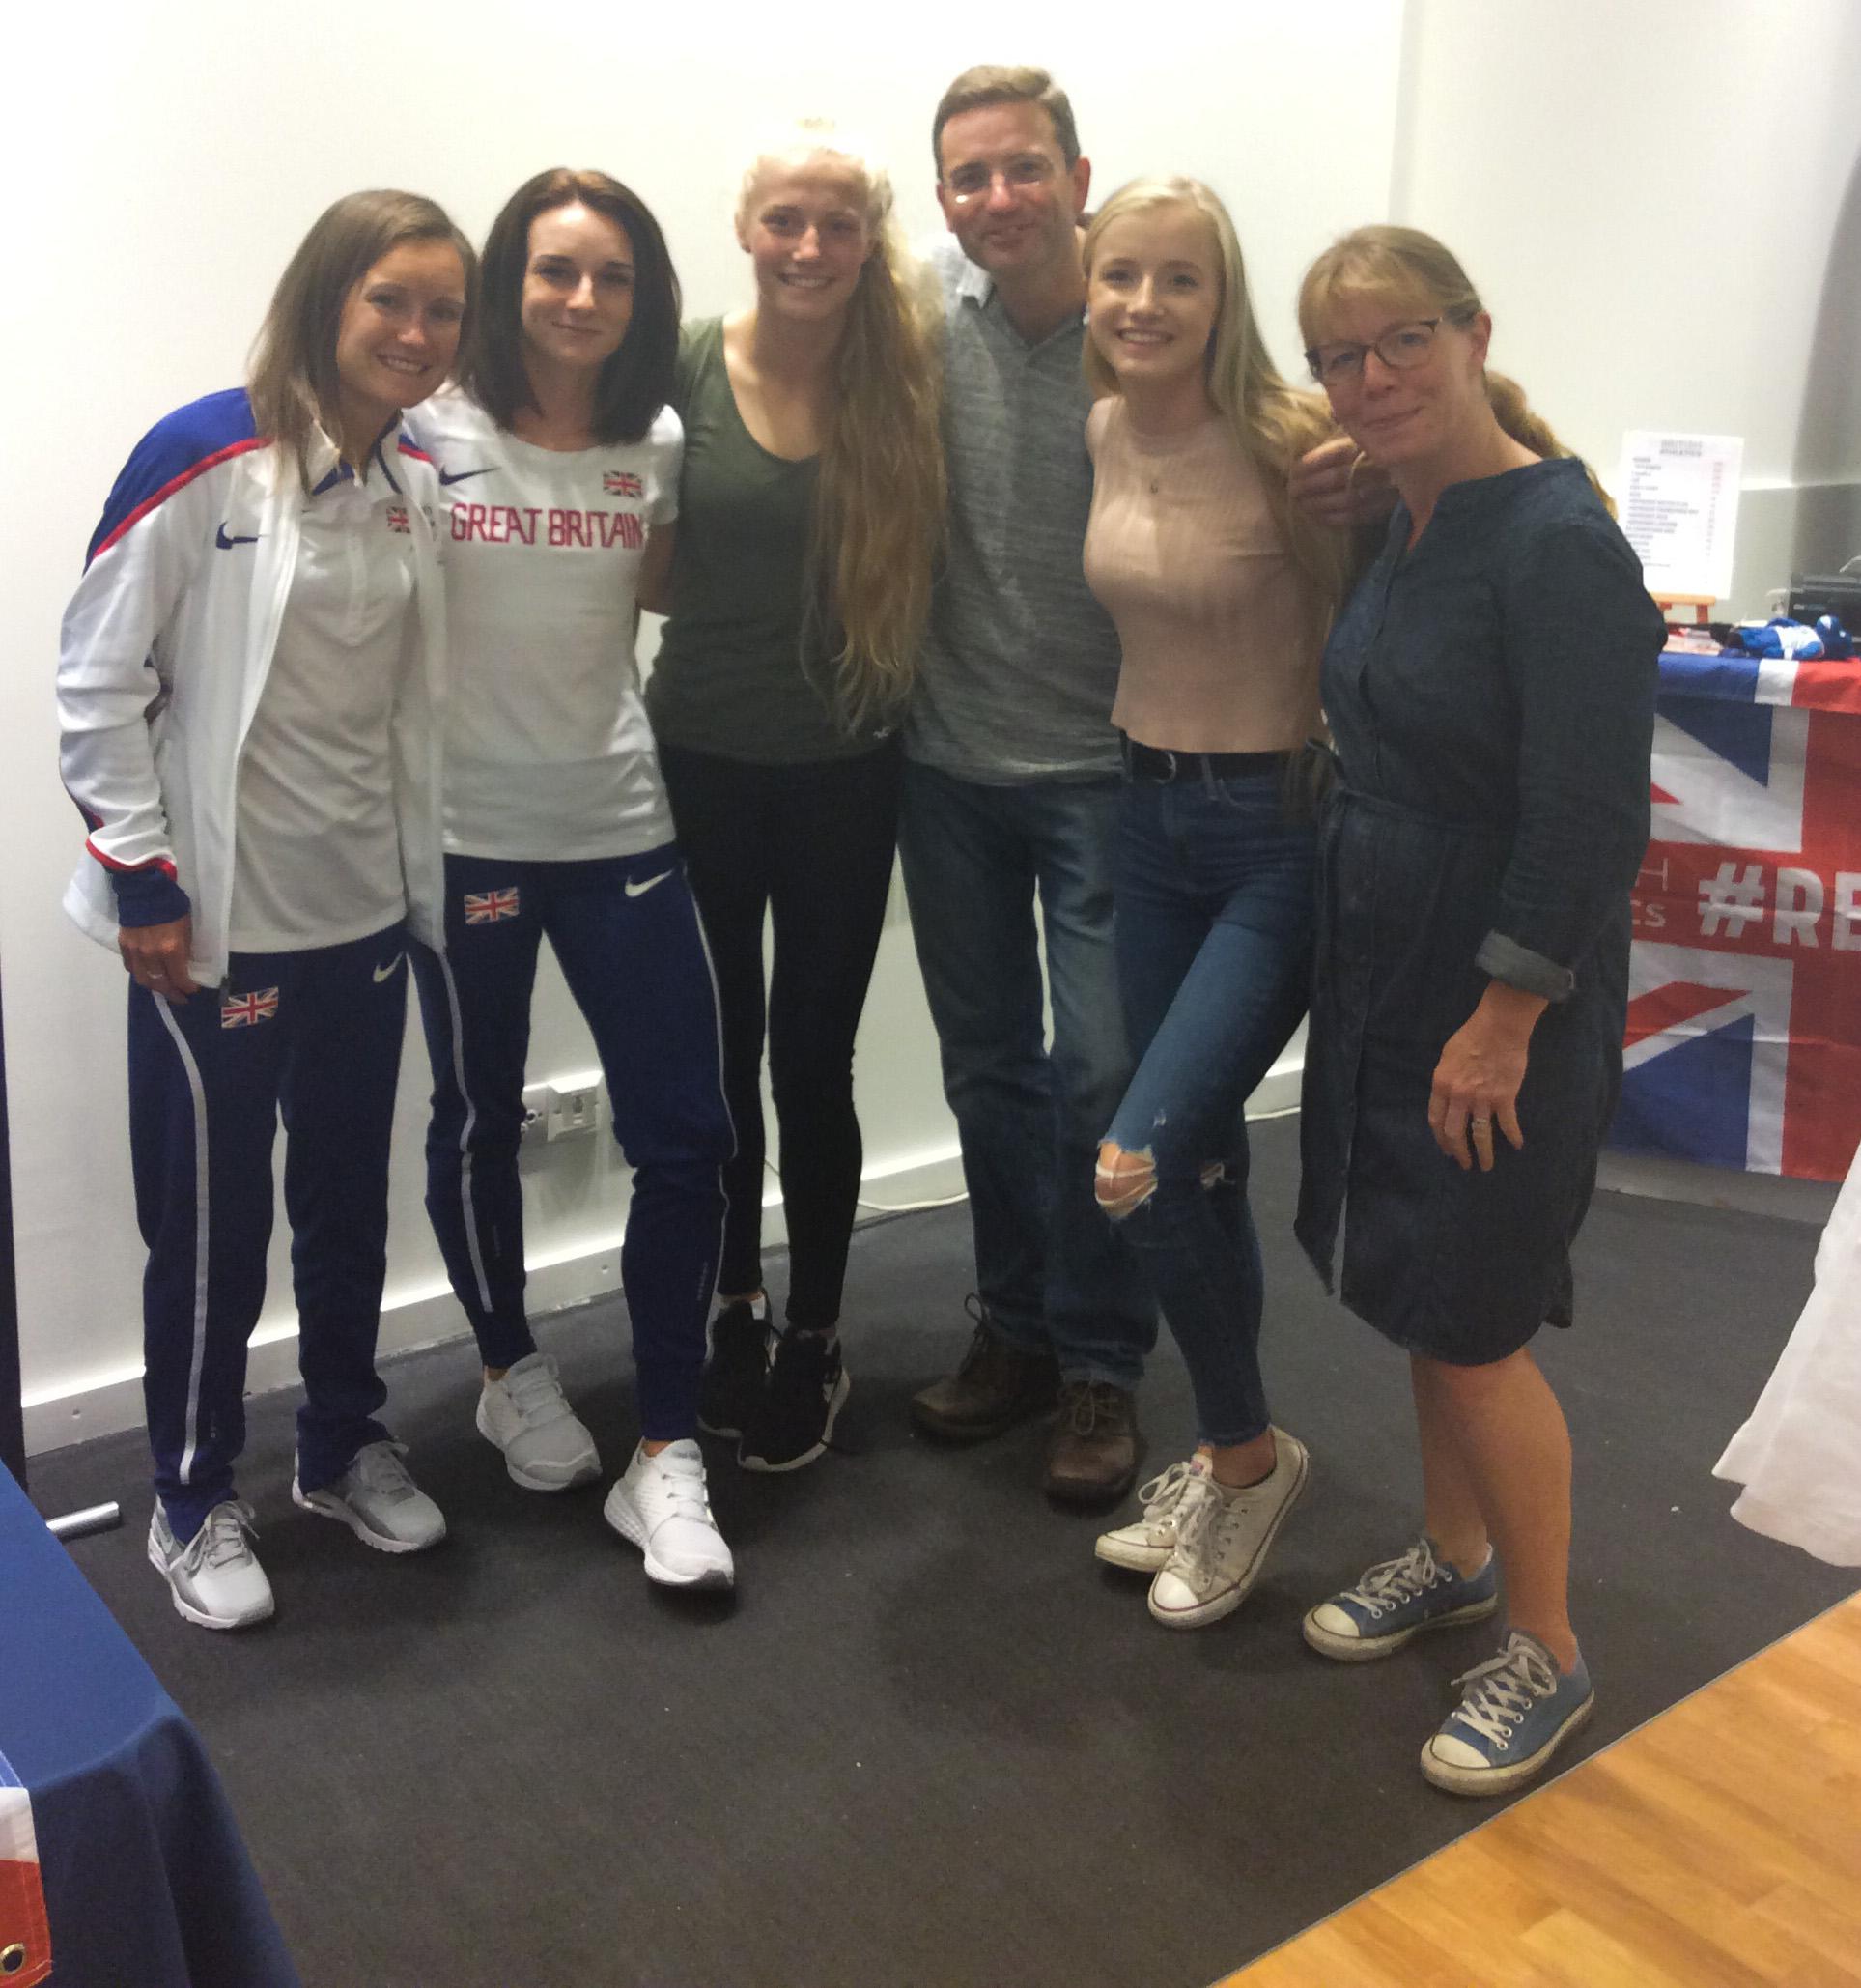 Sarah McDonald, Aly Dixon and fans